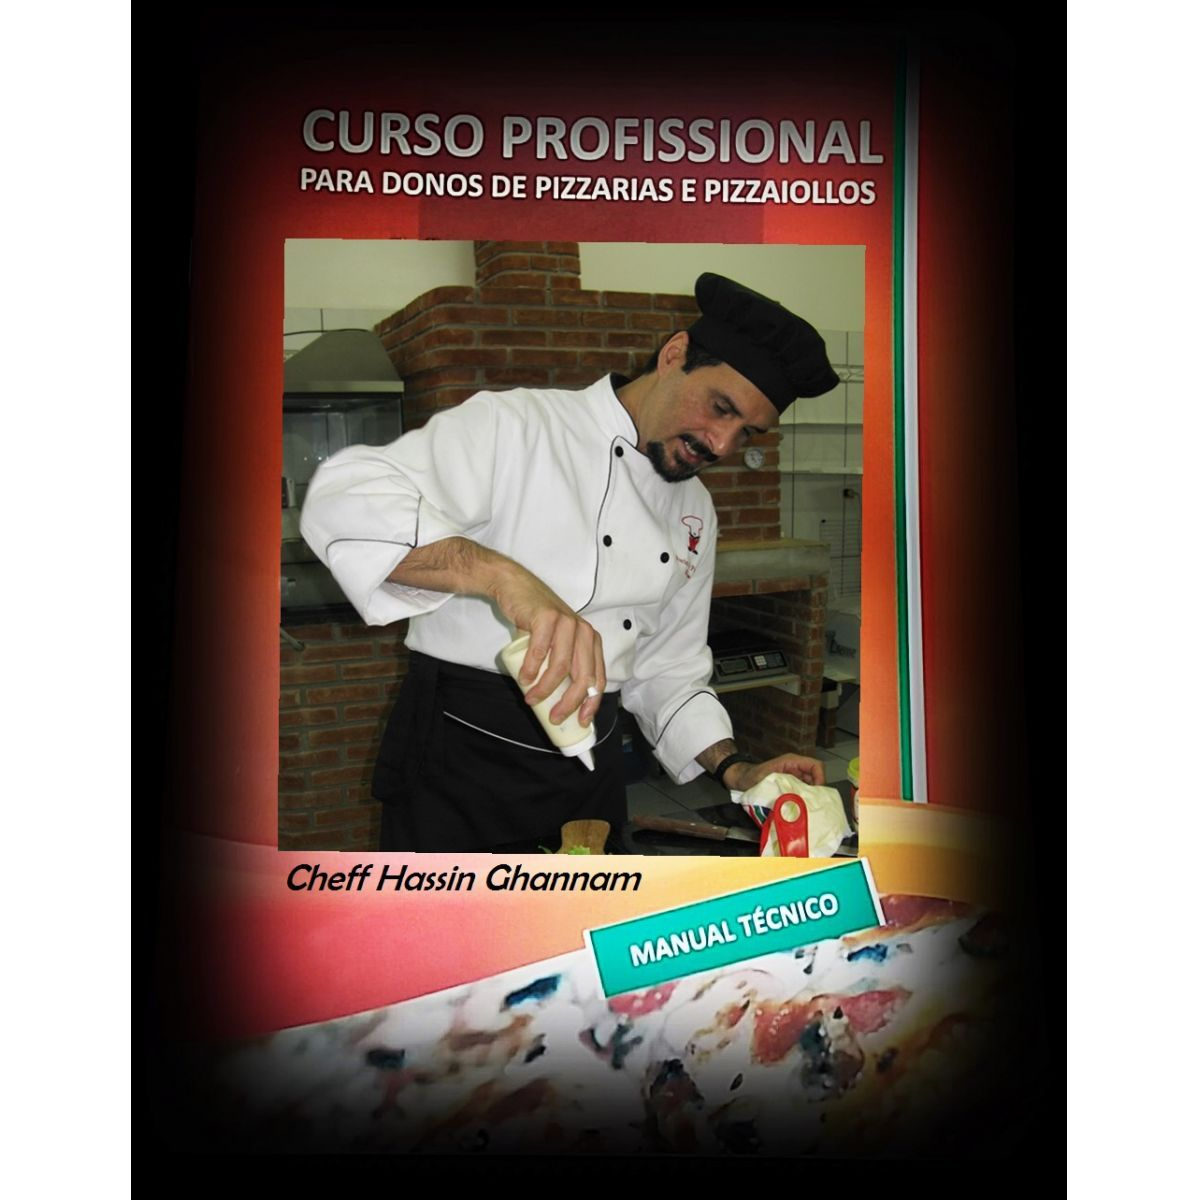 CURSO TRILÓGICO ONLINE EM 4 DVDs - 3 VOLUMES E 9 DOCUMENTOS.  - FÓRUM DE PIZZAS